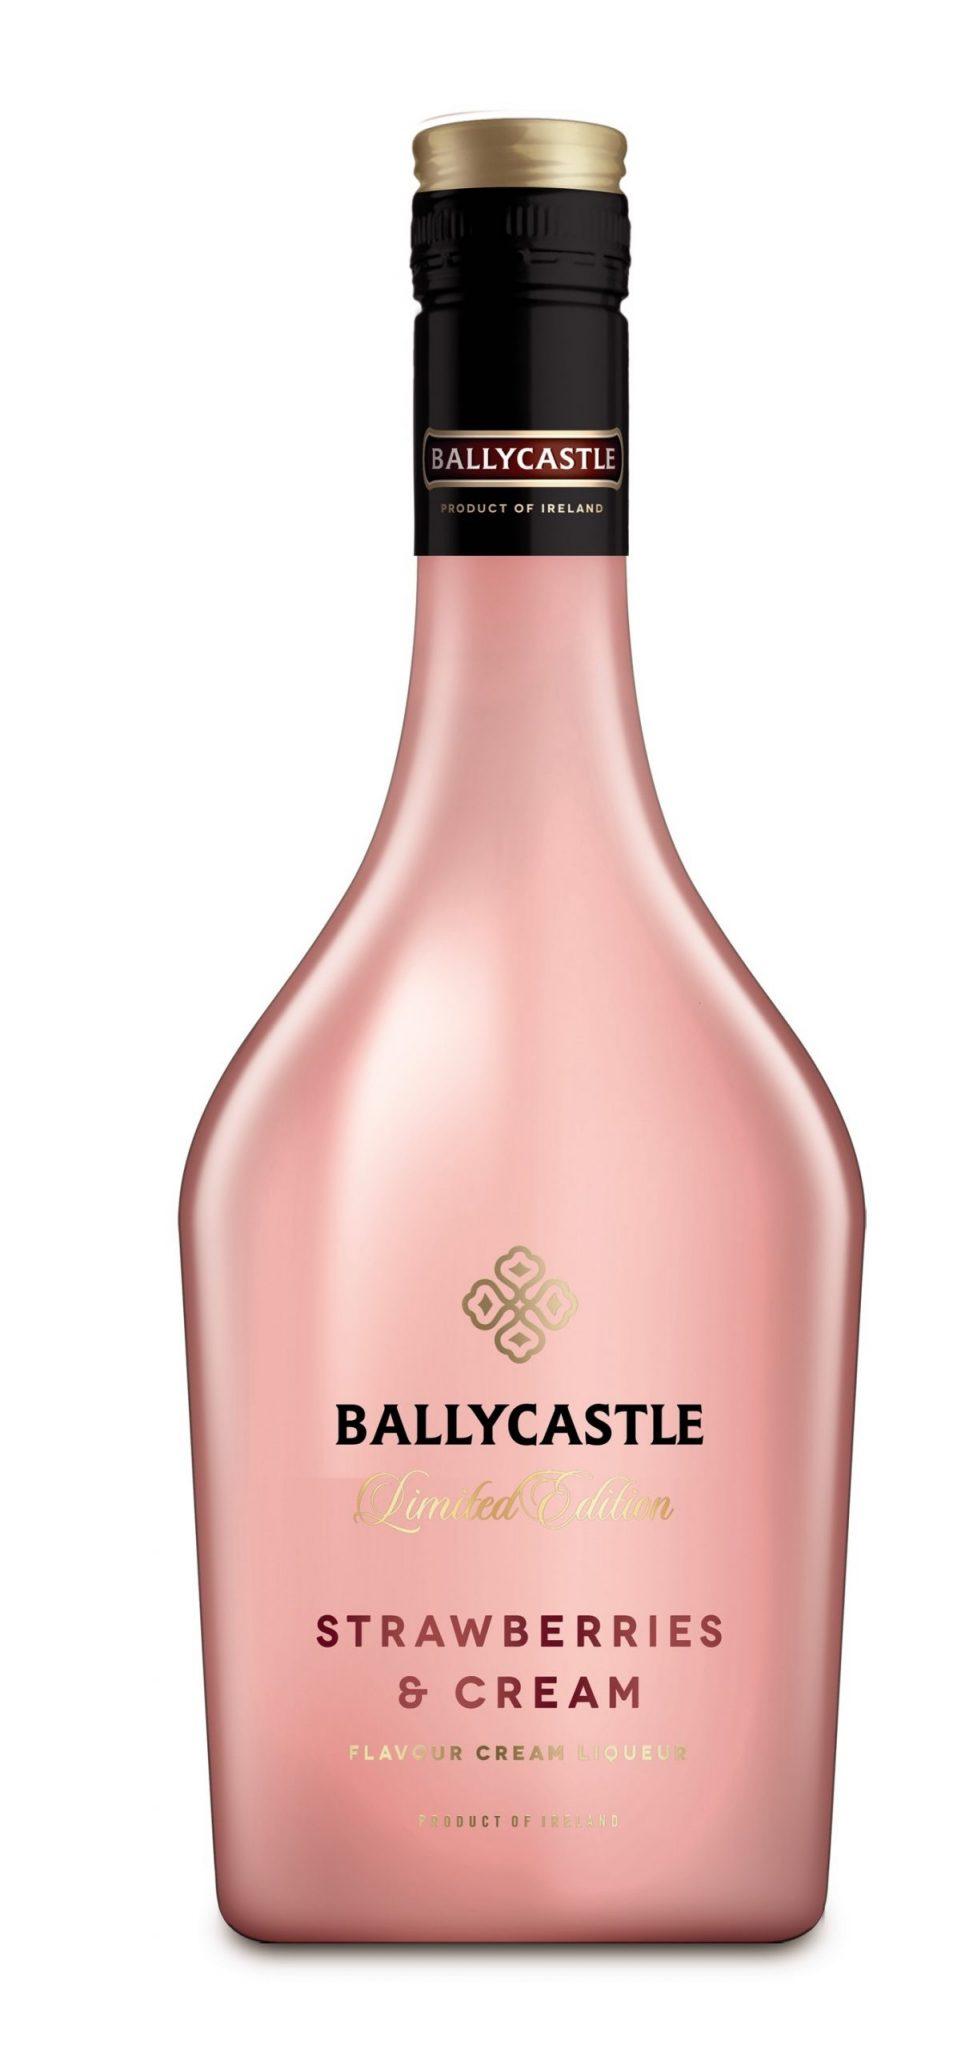 Aldi's Ballycastle Strawberries and Cream Liqueur